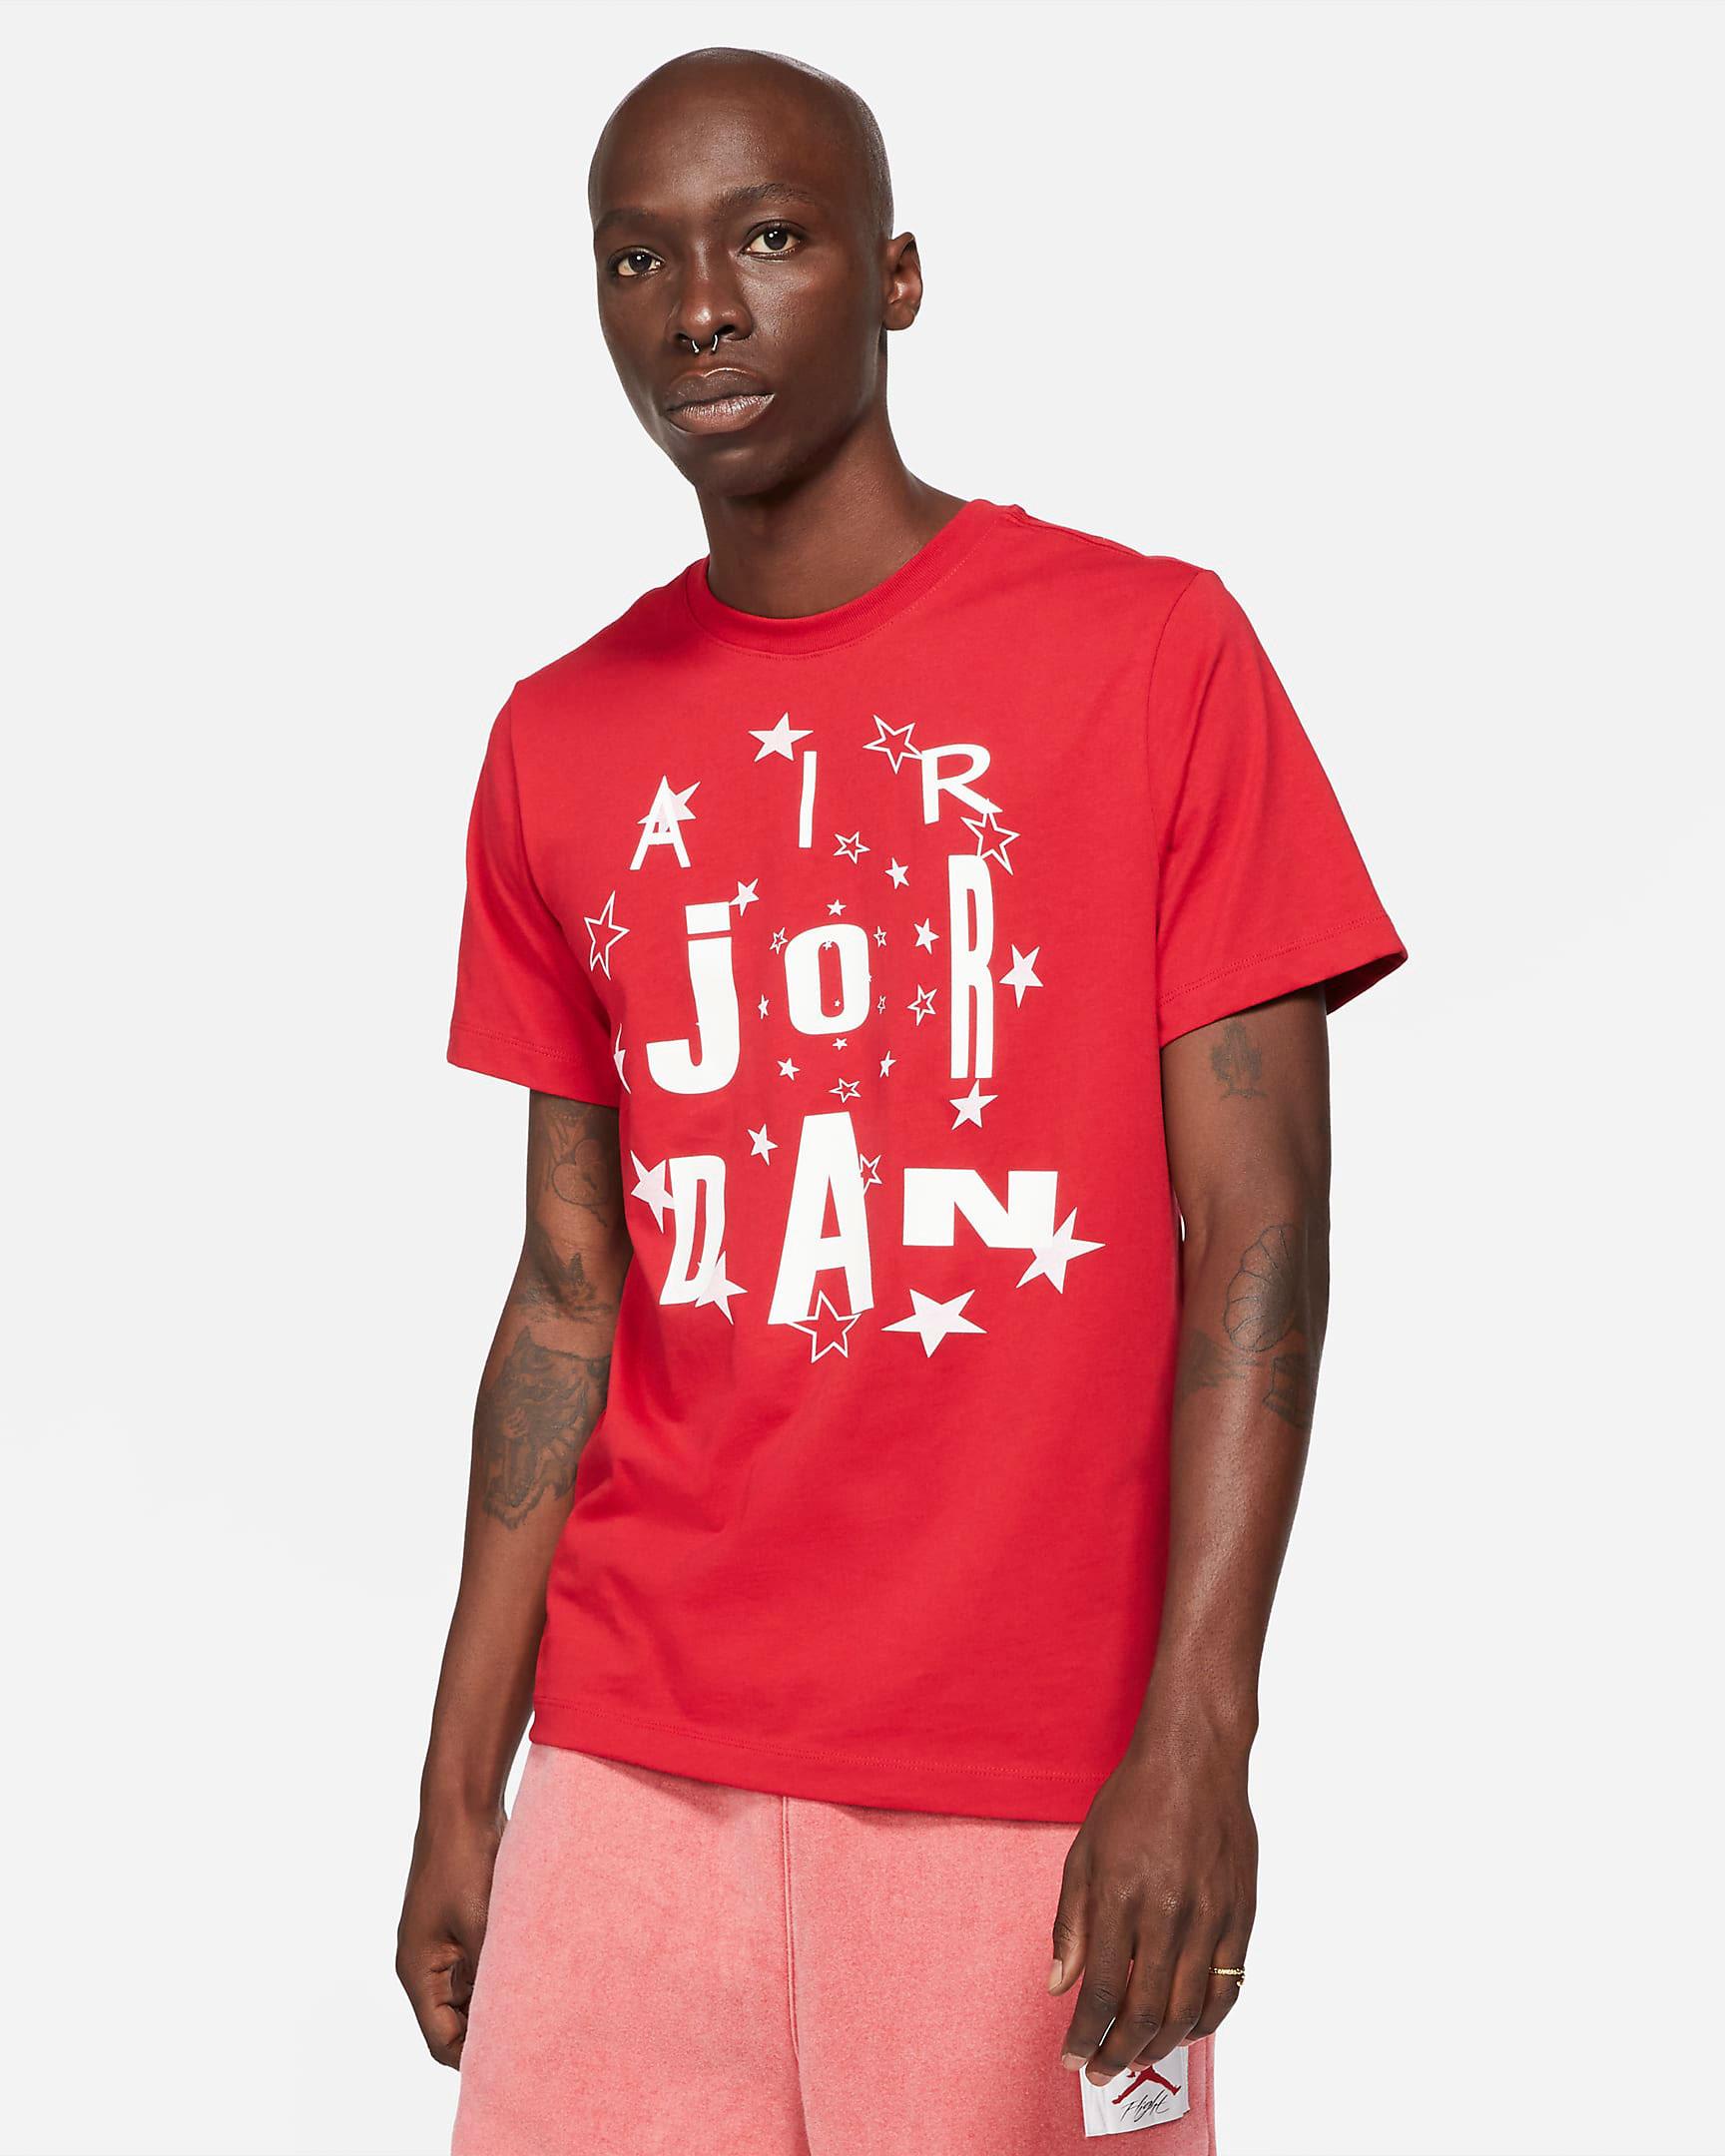 air-jordan-6-retro-carmine-2021-shirt